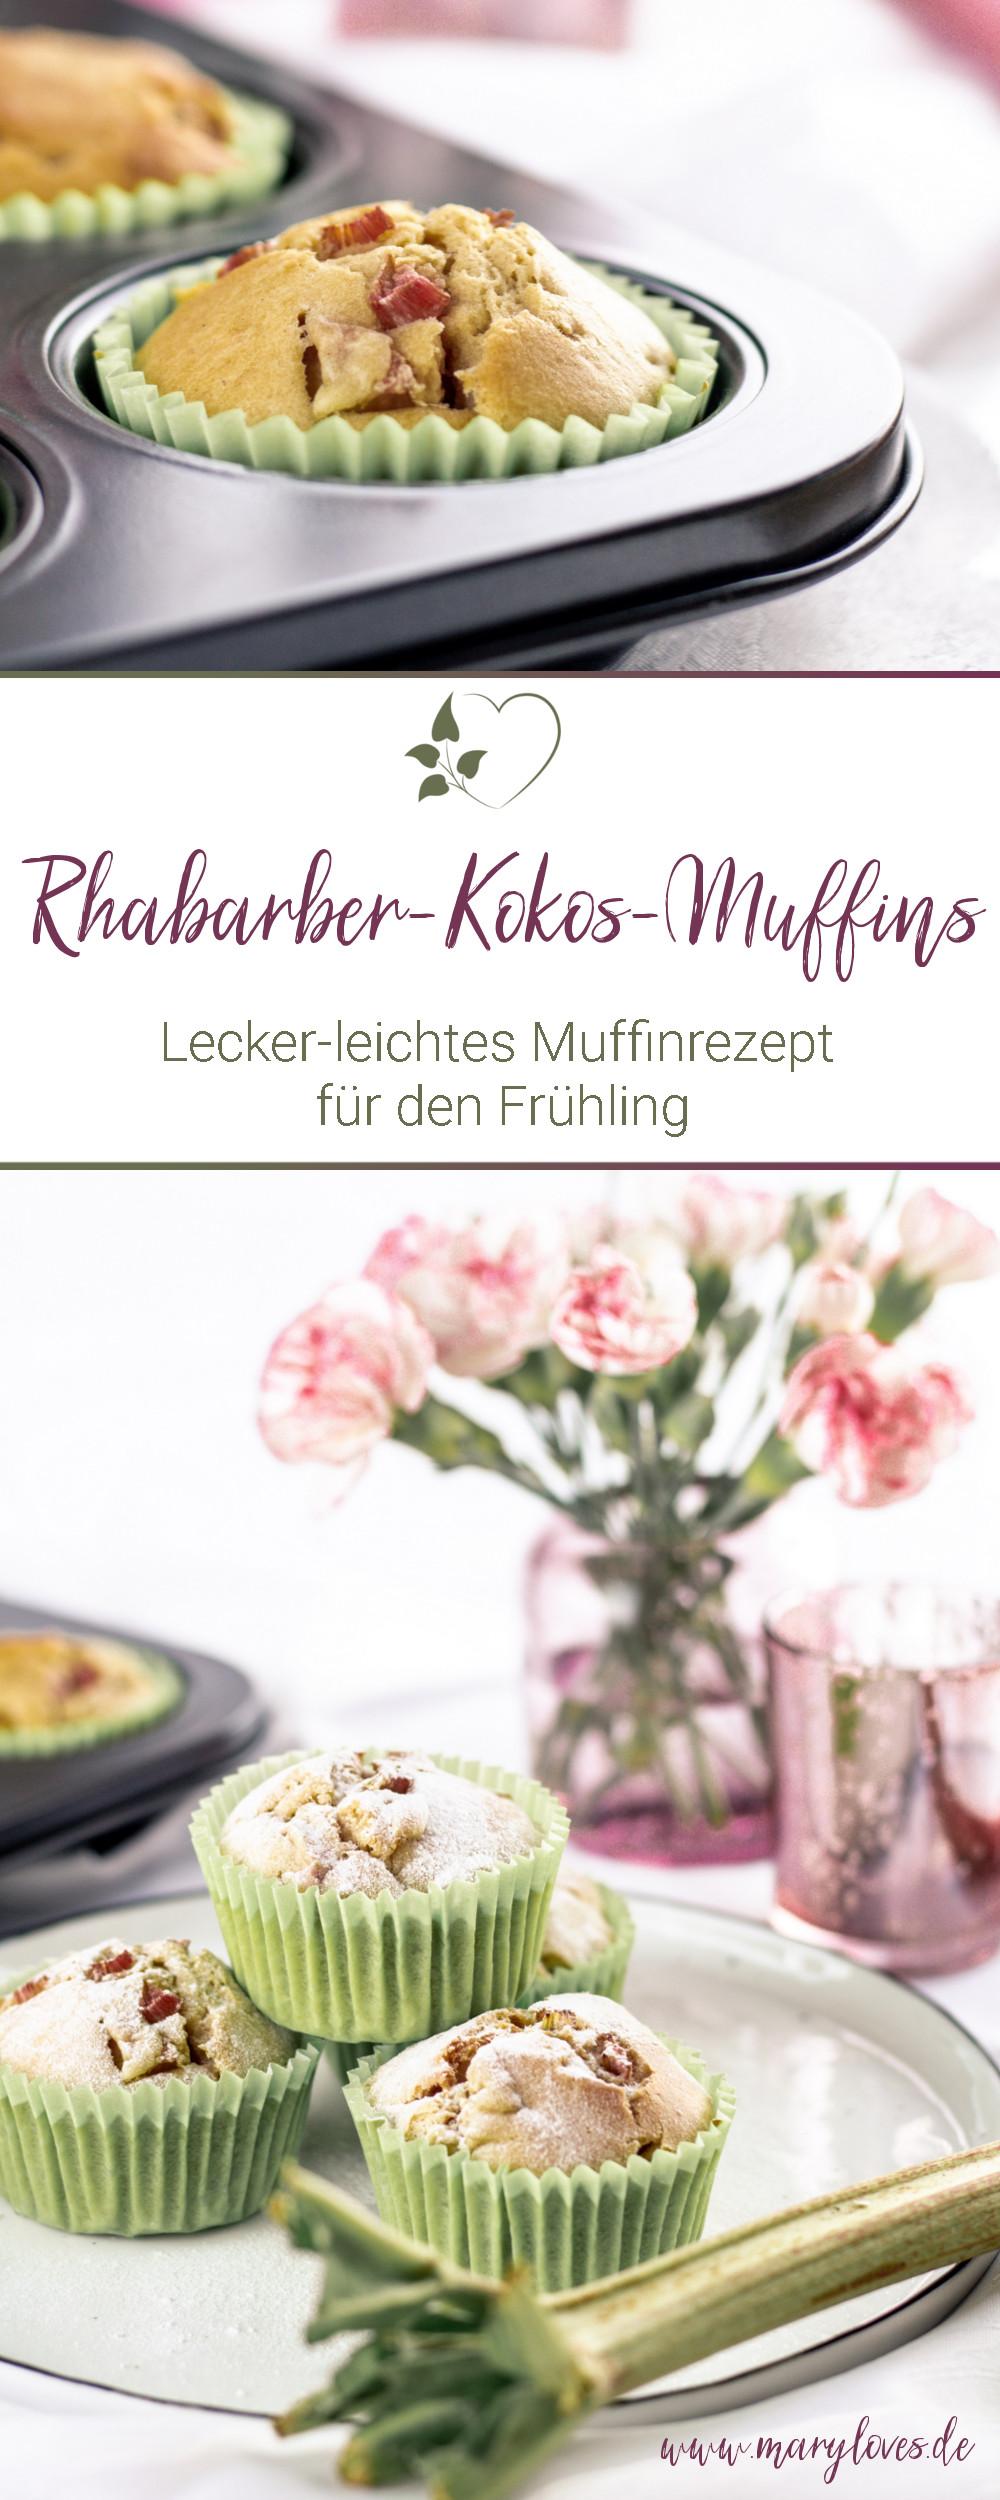 Süße Frühlingssaison mit lecker-leichten Rhabarber-Kokos-Muffins - #muffins #rhabarber #rhabarbermuffins #zuckerfrei #frühlingsrezept